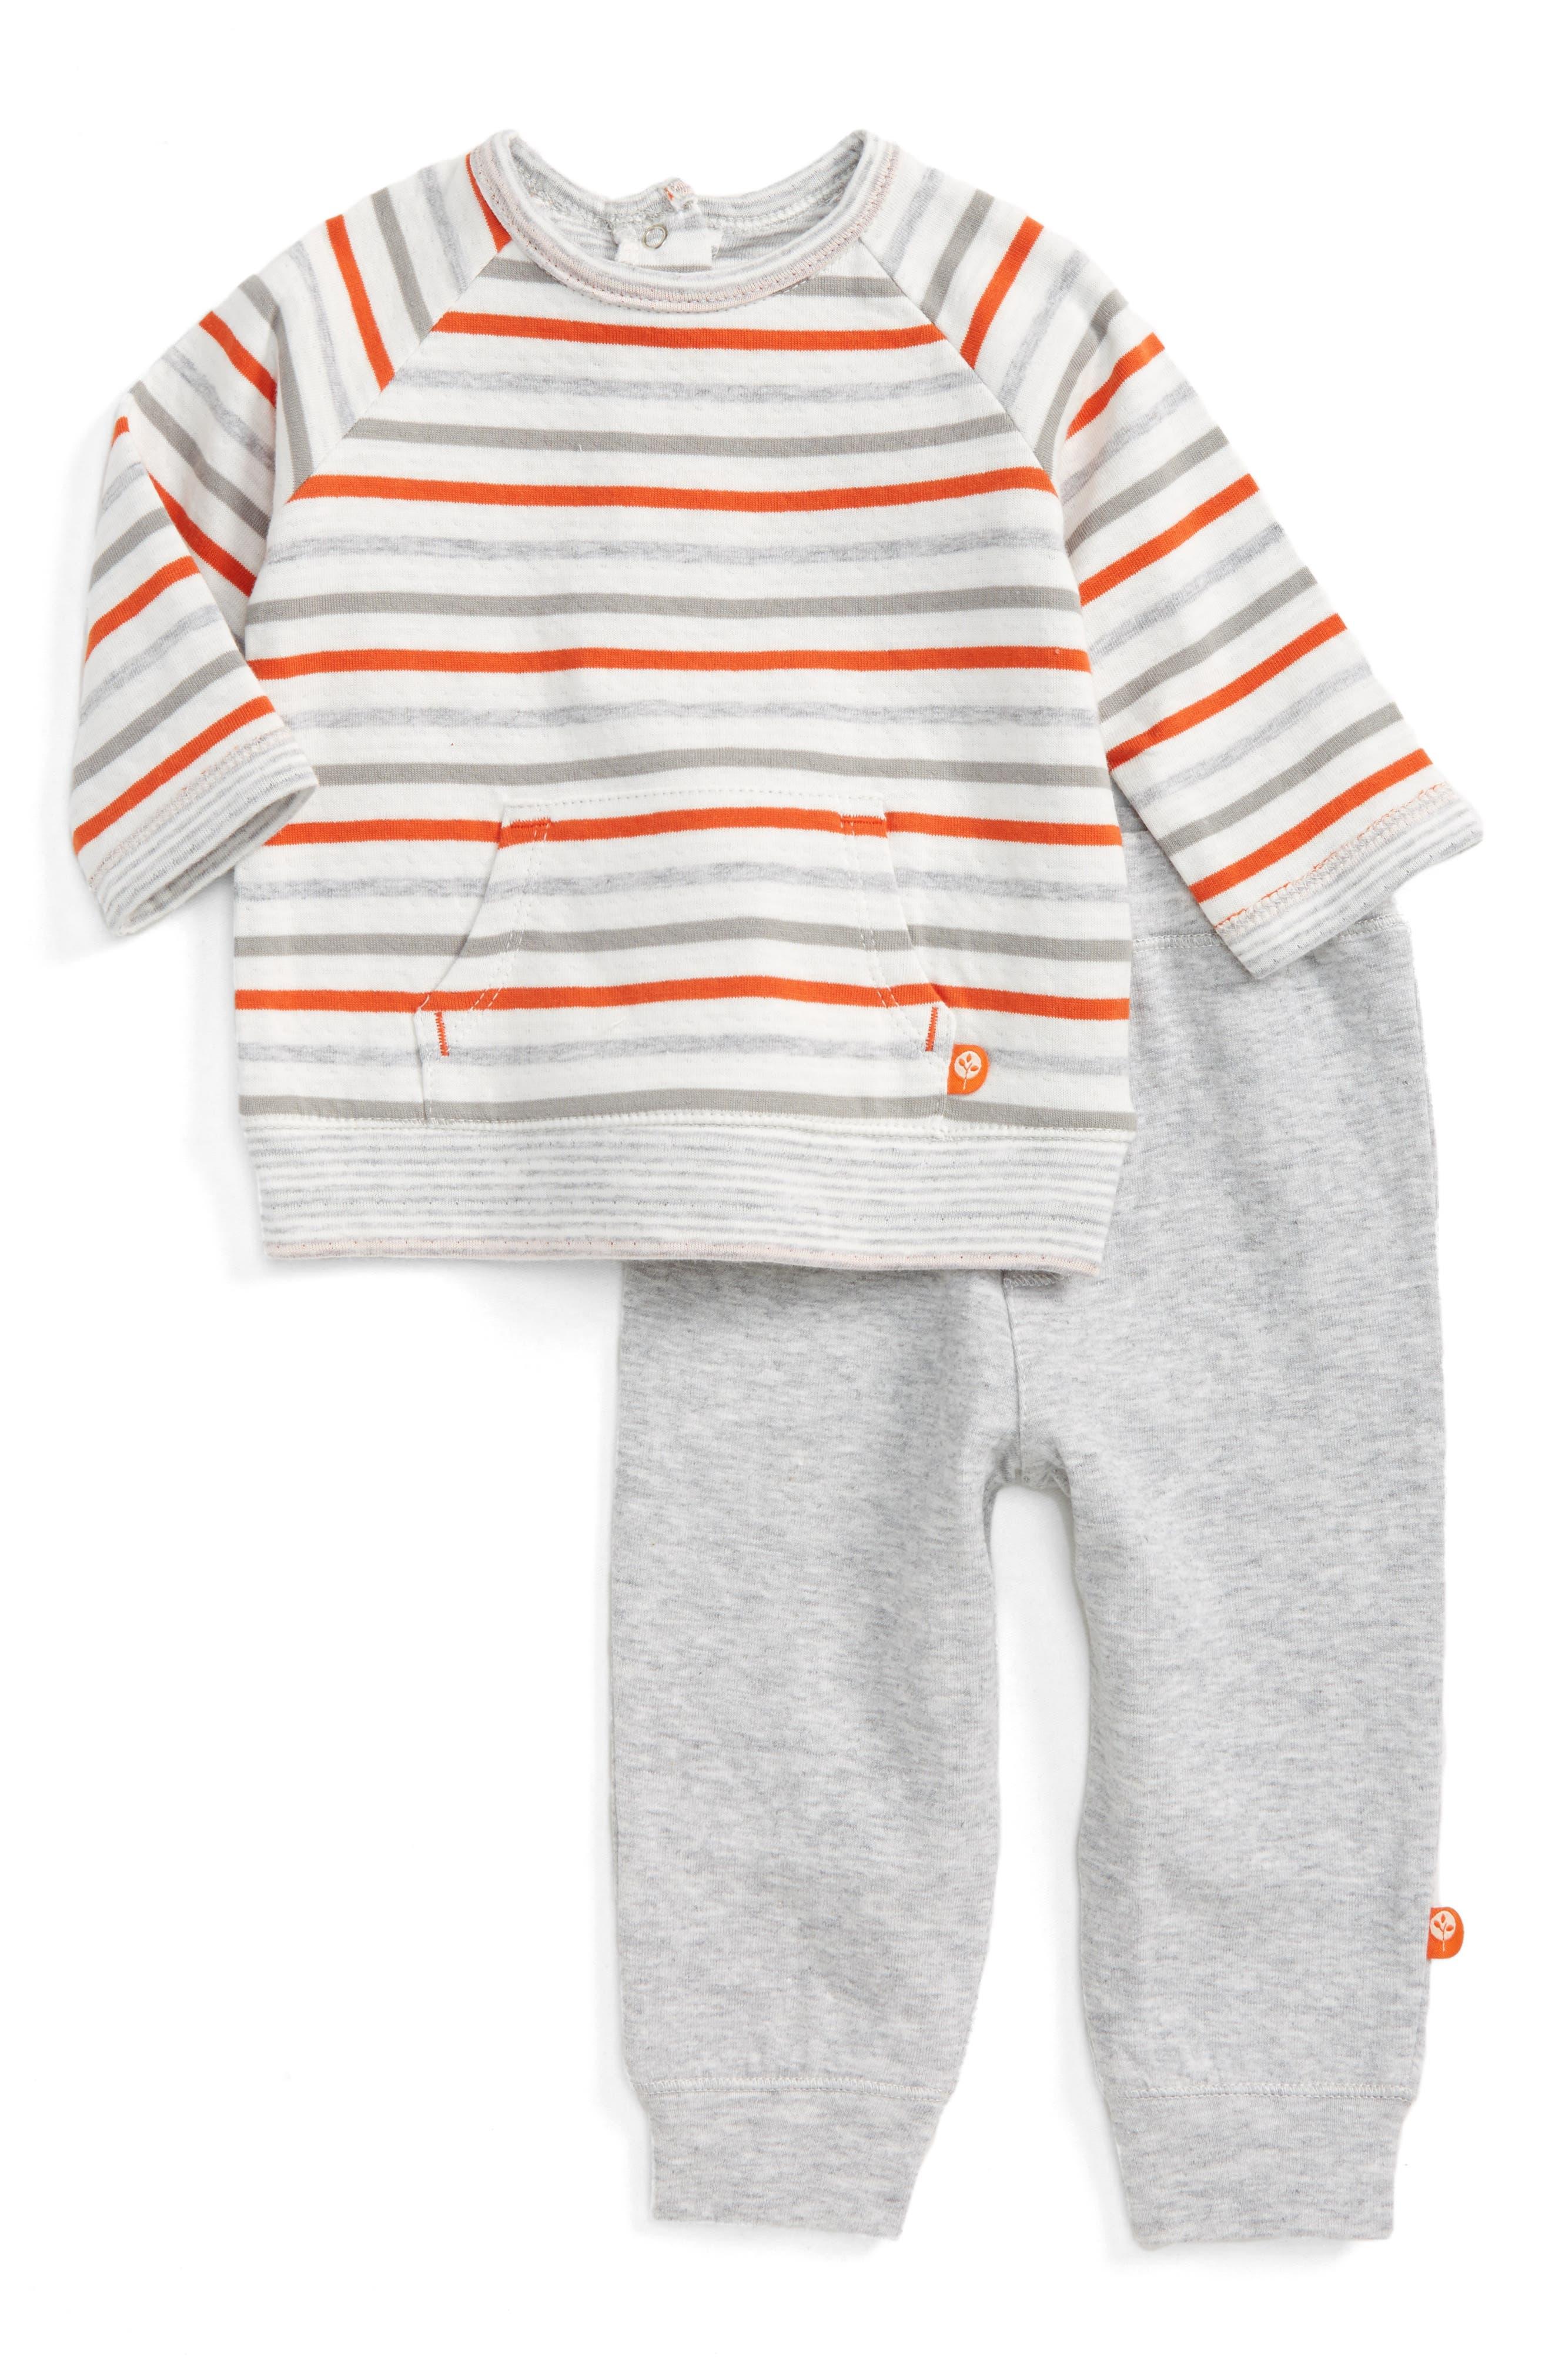 Alternate Image 1 Selected - Offspring Safari Fun Sweatshirt & Pants Set (Baby Boys)